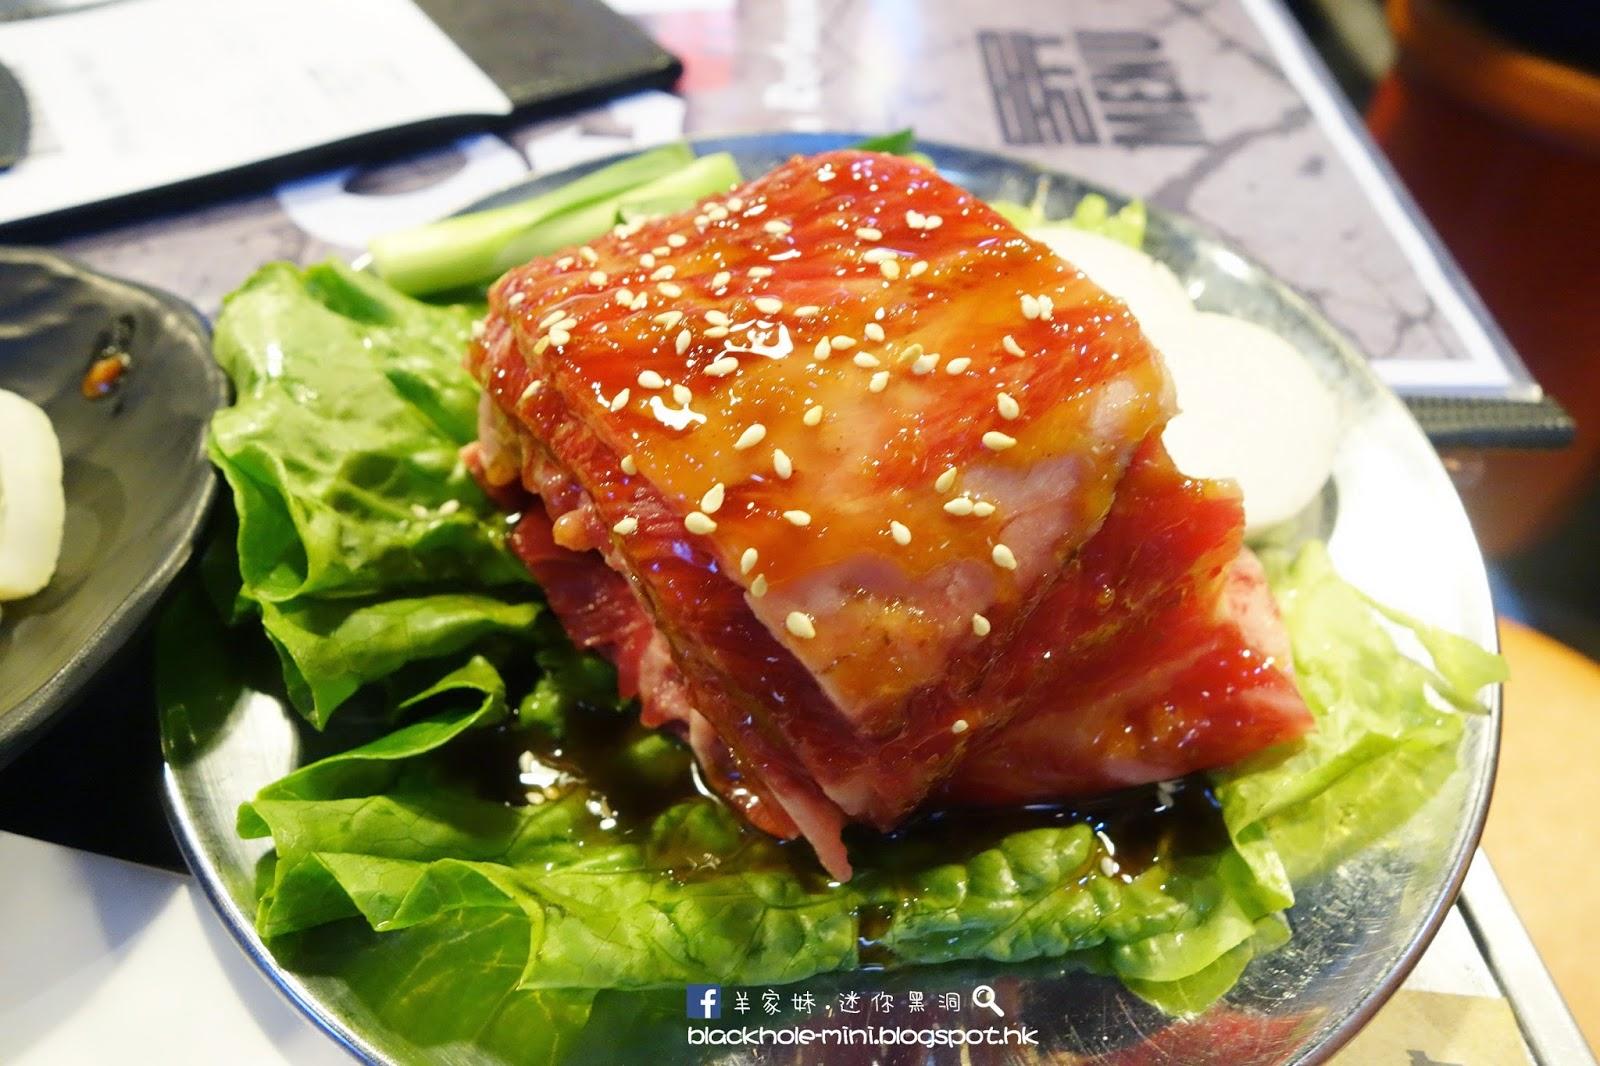 特色斜放燒肉板:OPPA韓國燒肉店